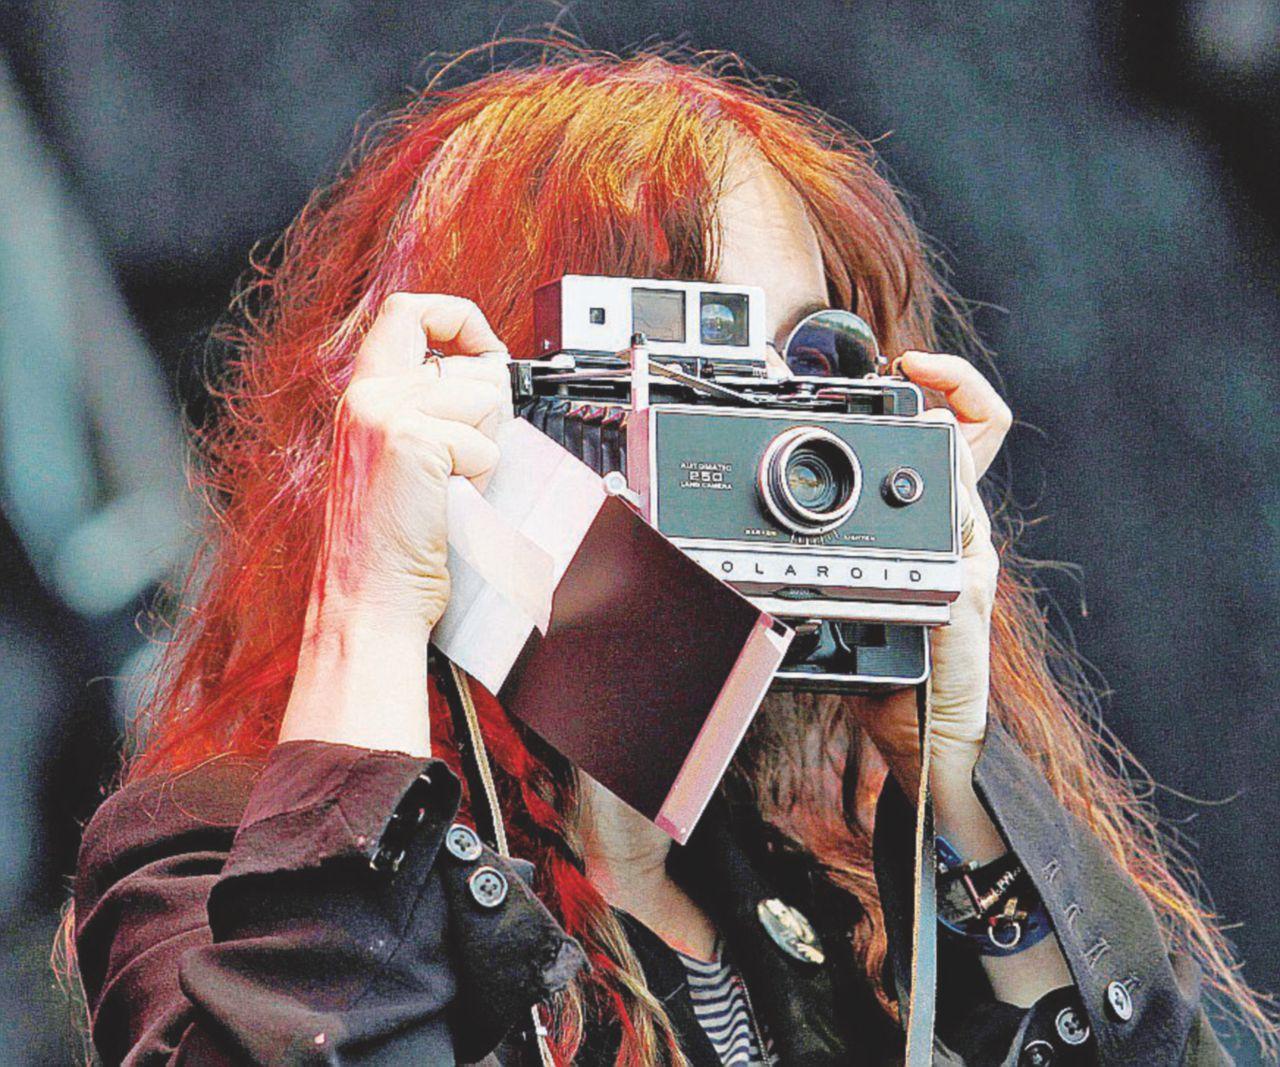 Ritorna la Polaroid: quel gusto magico sa di mondo antico